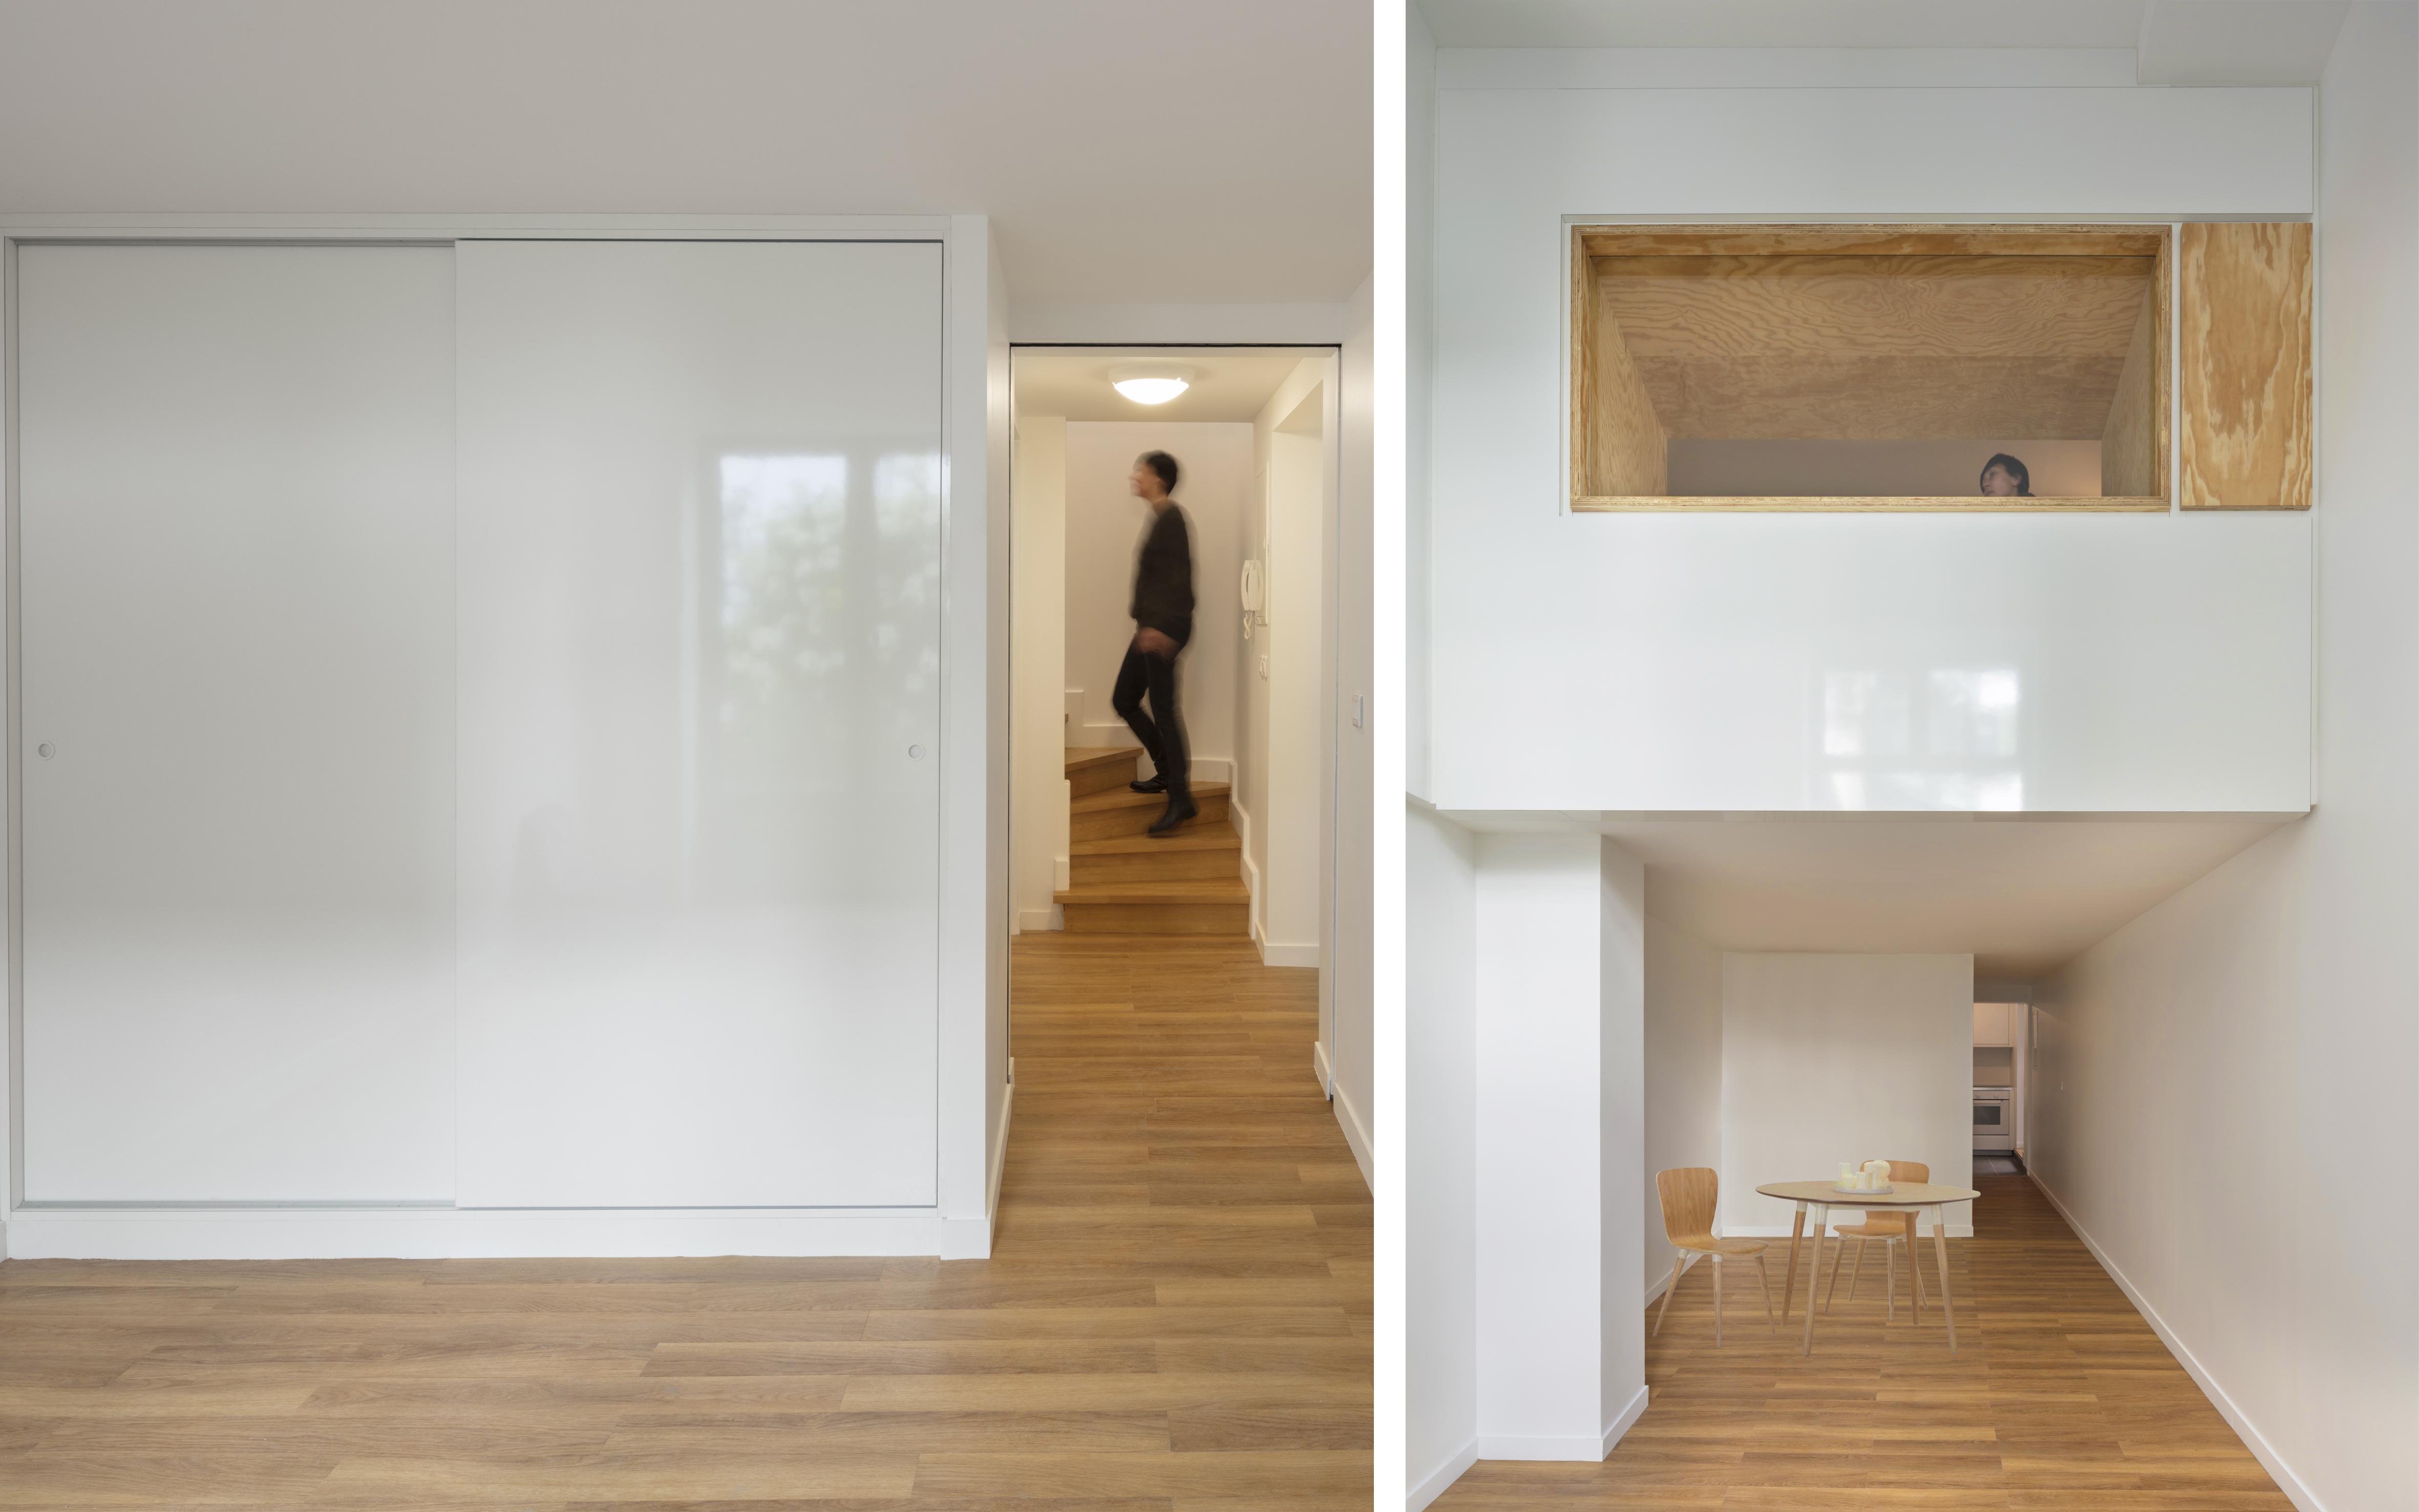 Chambre et double hauteur